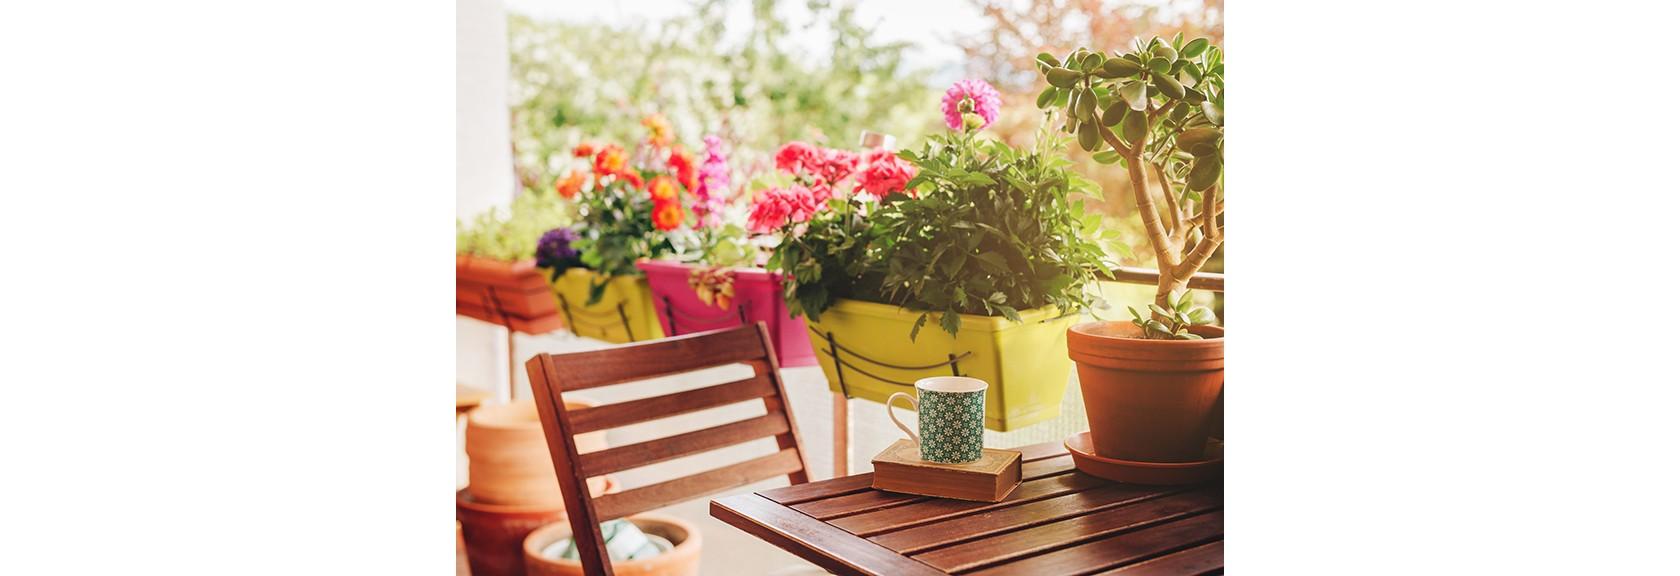 Balkonpflanzen, Balkon mit verschiedenen Blumen und Pflanzen.